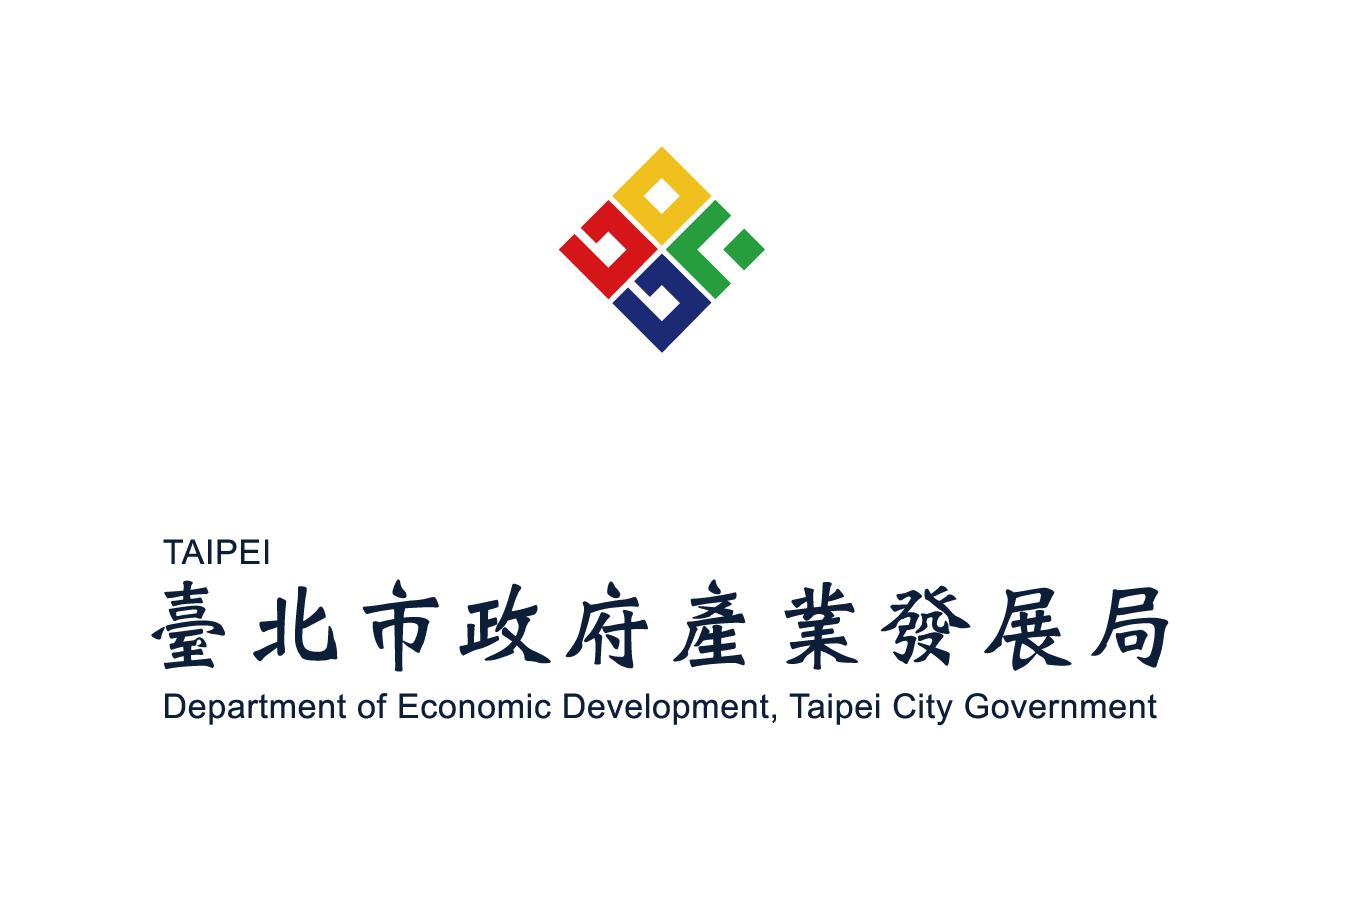 2018臺北市補助創業團隊出國參與創業計畫再次啓航